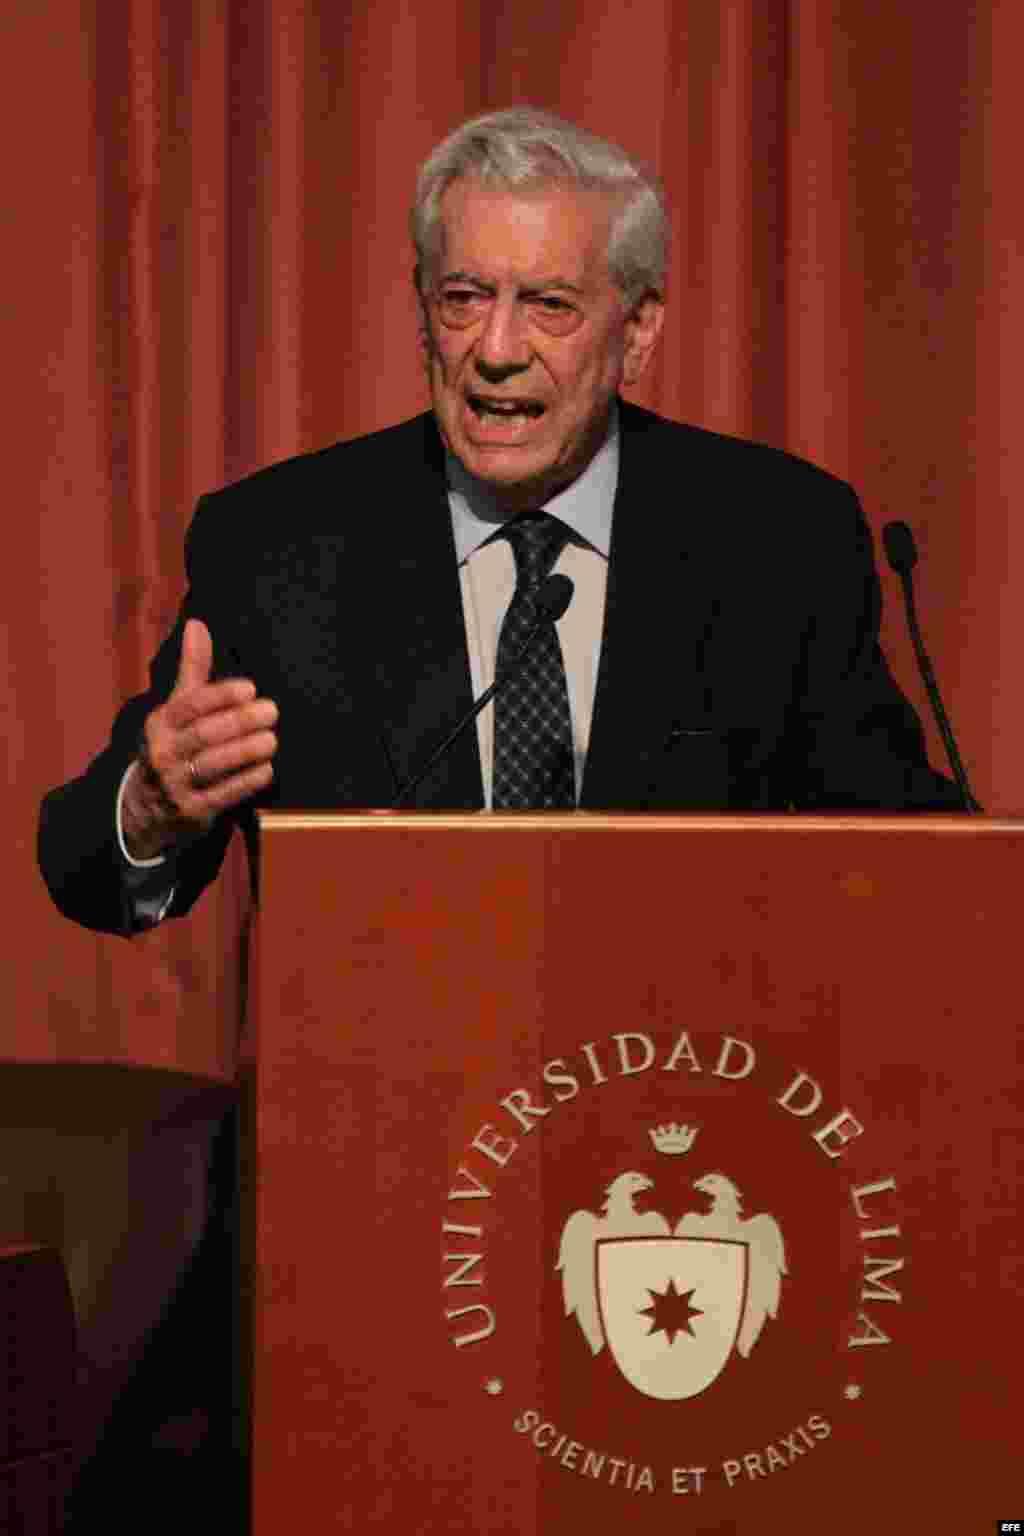 """Mario Vargas Llosa habla hoy, jueves 26 de marzo de 2015, en la Universidad de Lima (Perú), durante el seminario internacional """"América Latina: oportunidades y desafíos""""."""